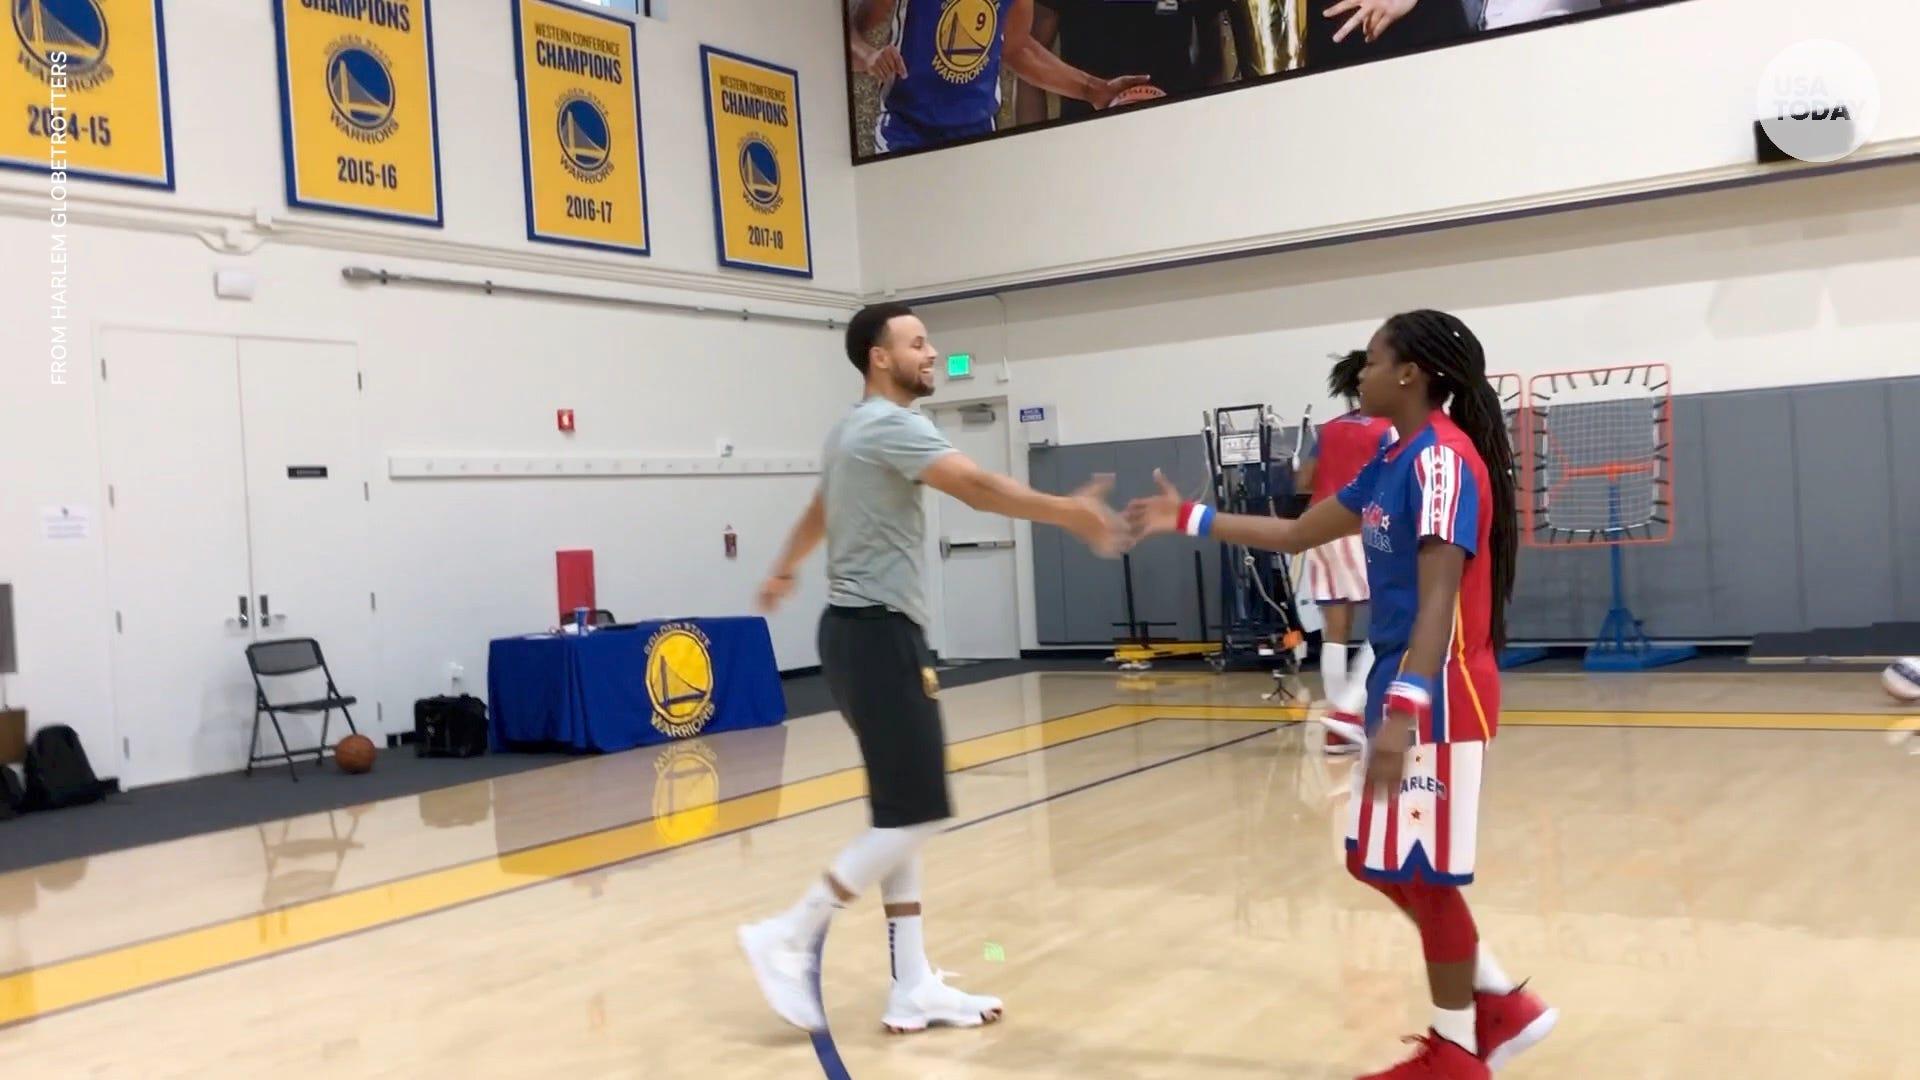 Steve Kerr compares Duke freshman Zion Williamson to LeBron James Steve Kerr compares Duke freshman Zion Williamson to LeBron James new photo